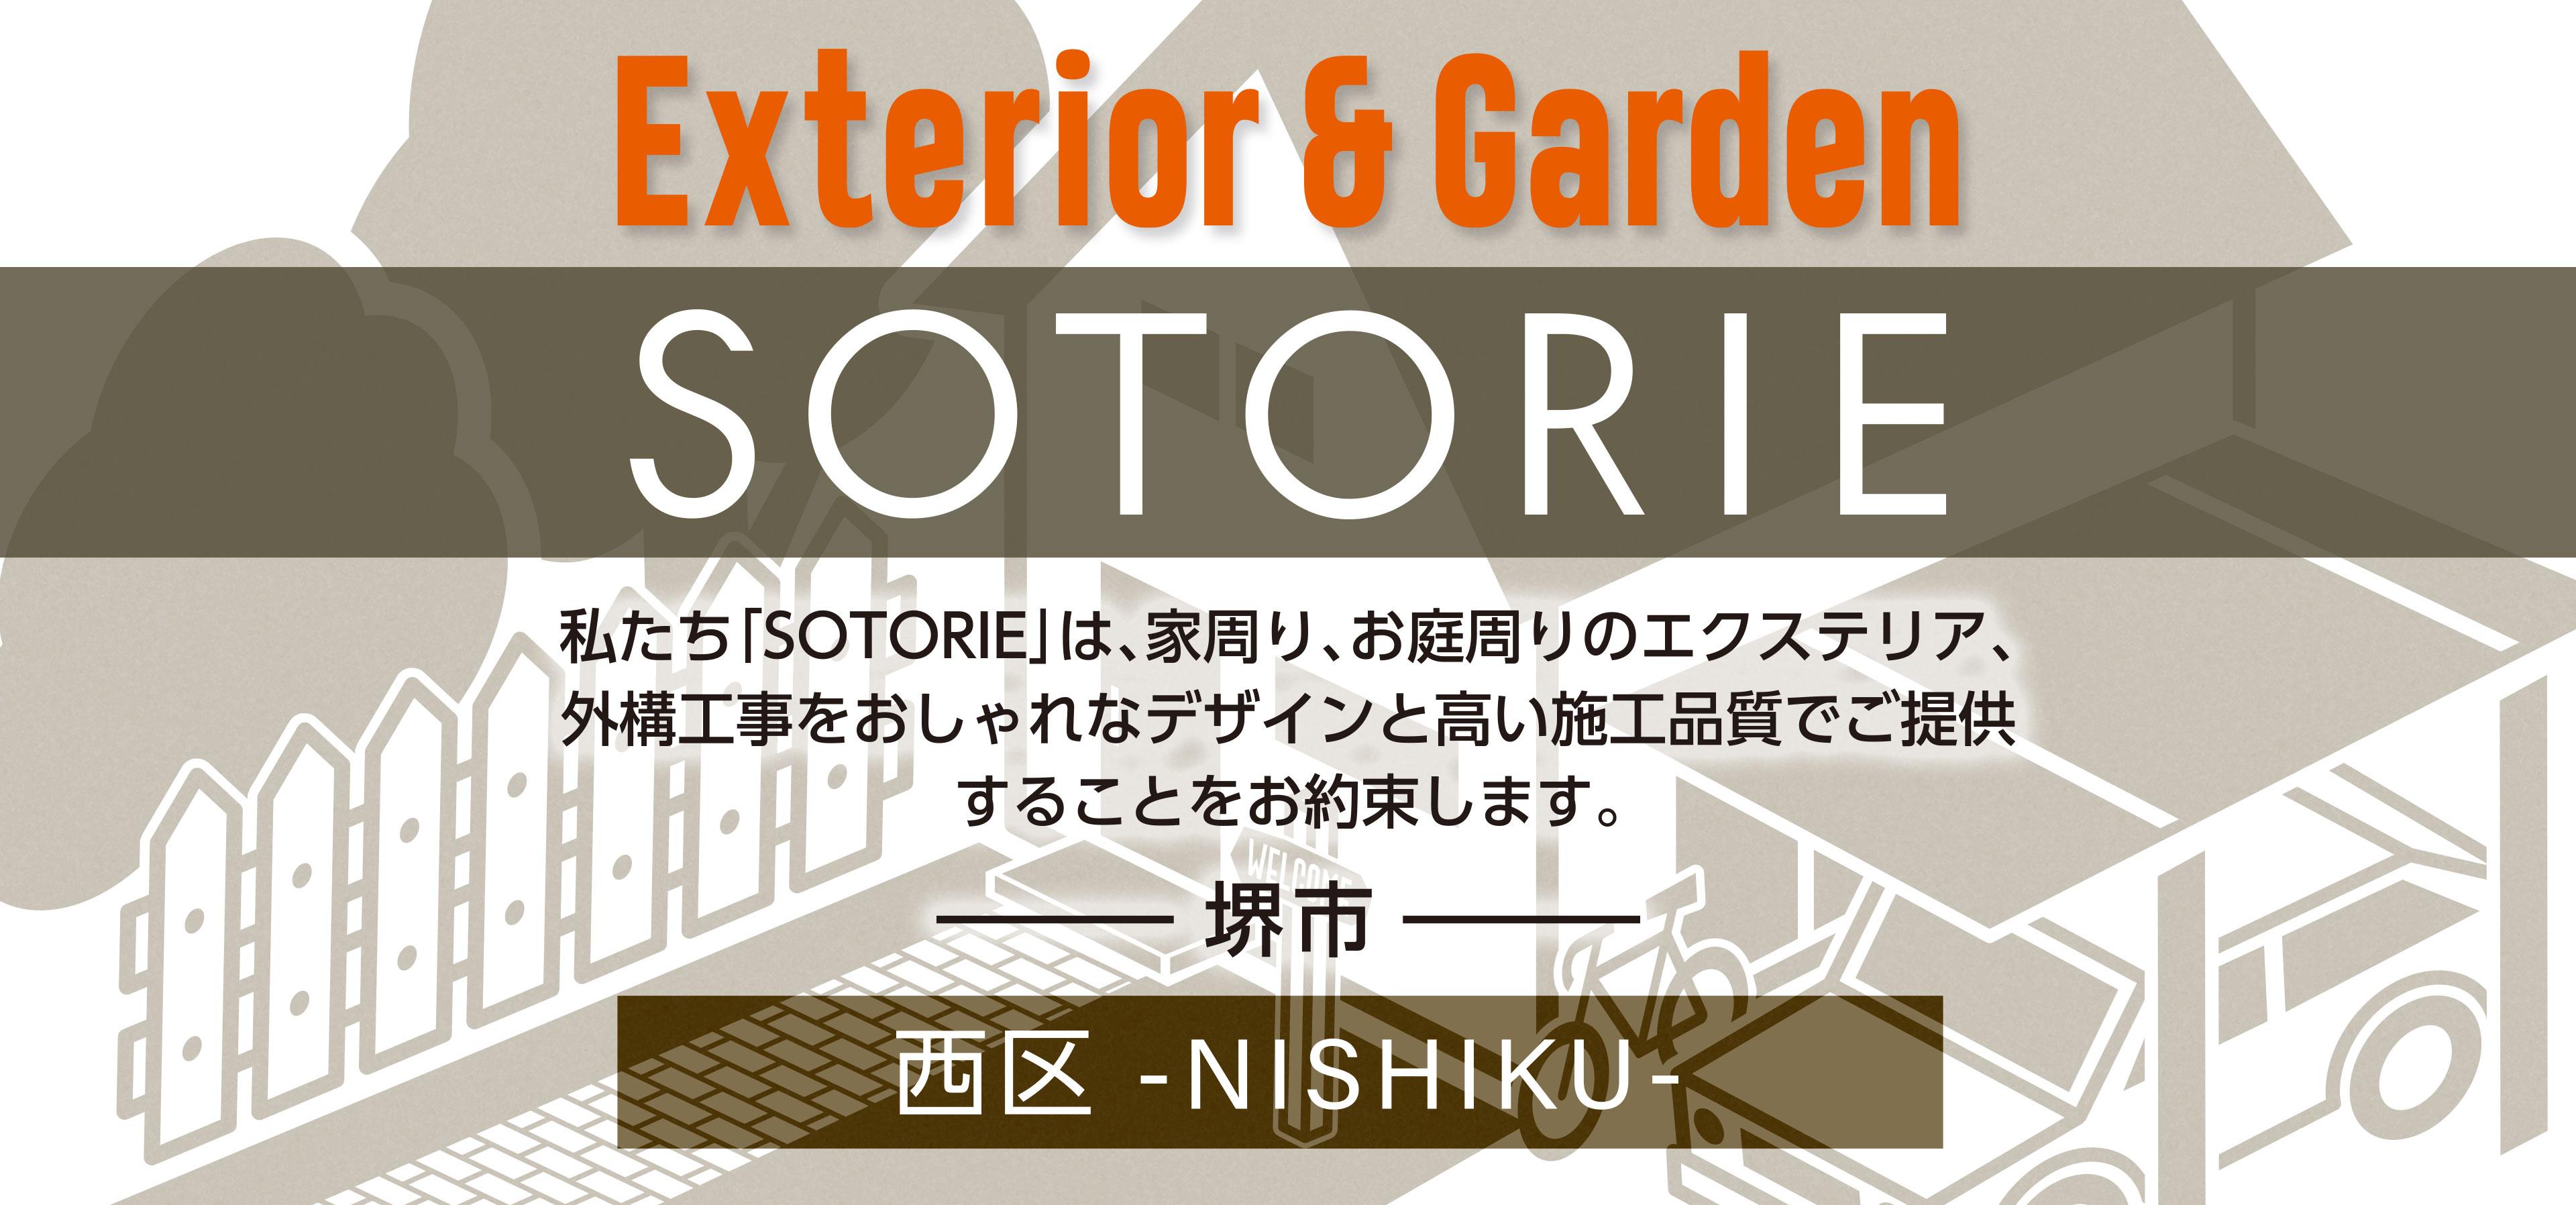 ソトリエ堺市西区では、家周りと庭周りの外構、エクステリア工事をおしゃれなデザインと高い施工品質でご提供することをお約束します。